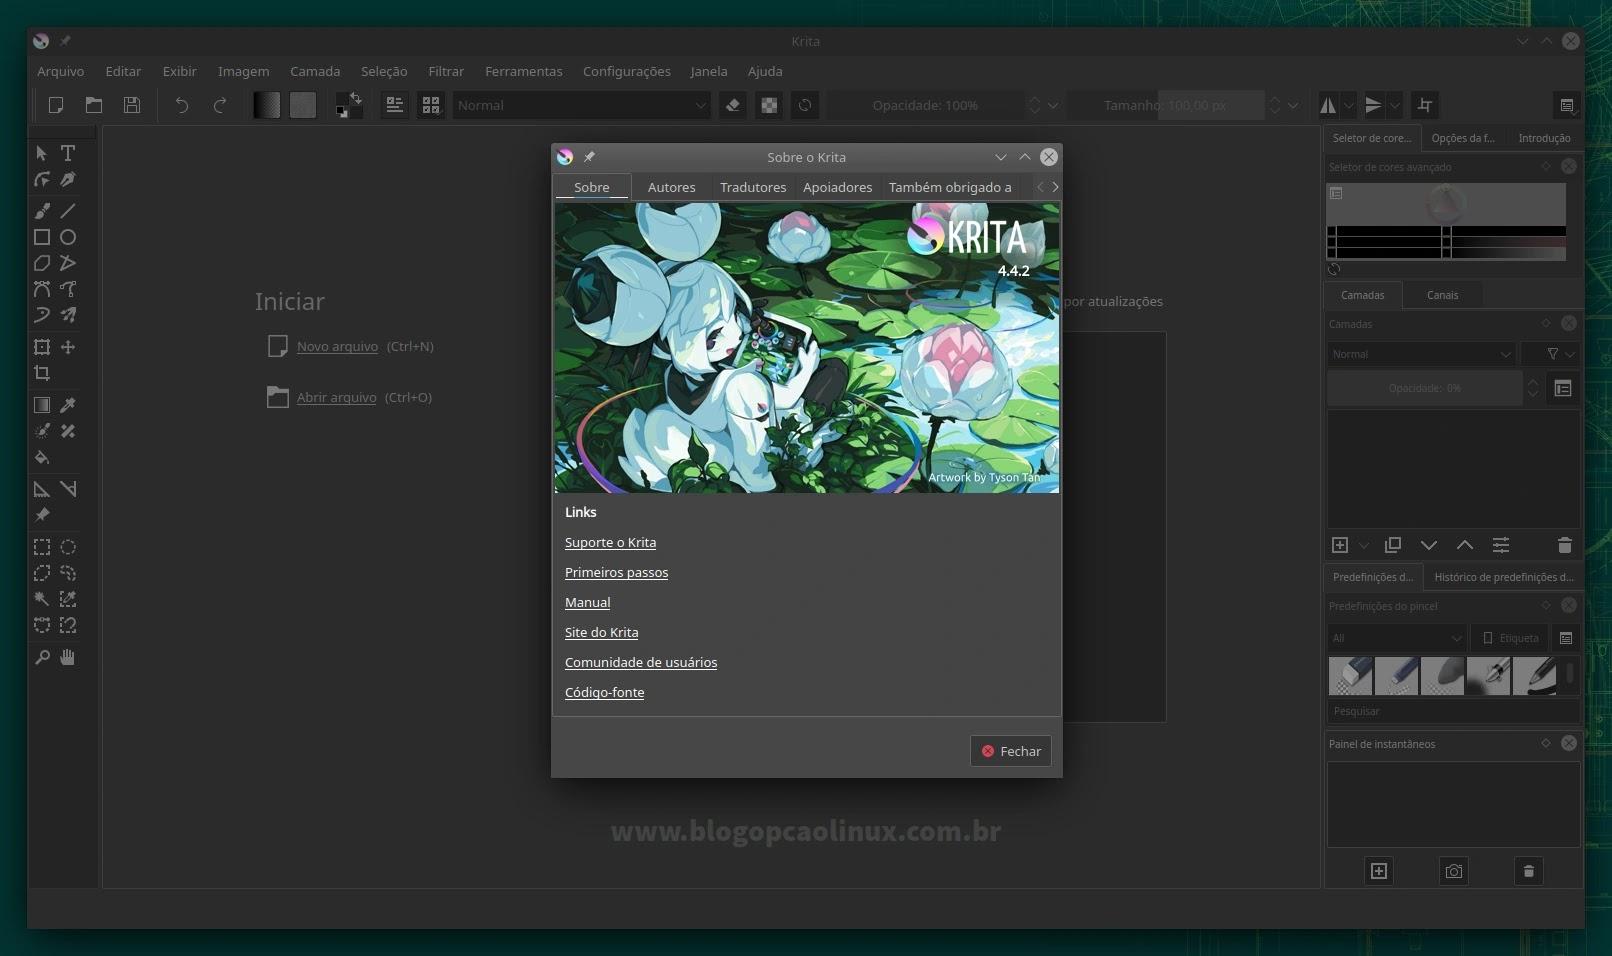 Krita executando no openSUSE Leap 15.3